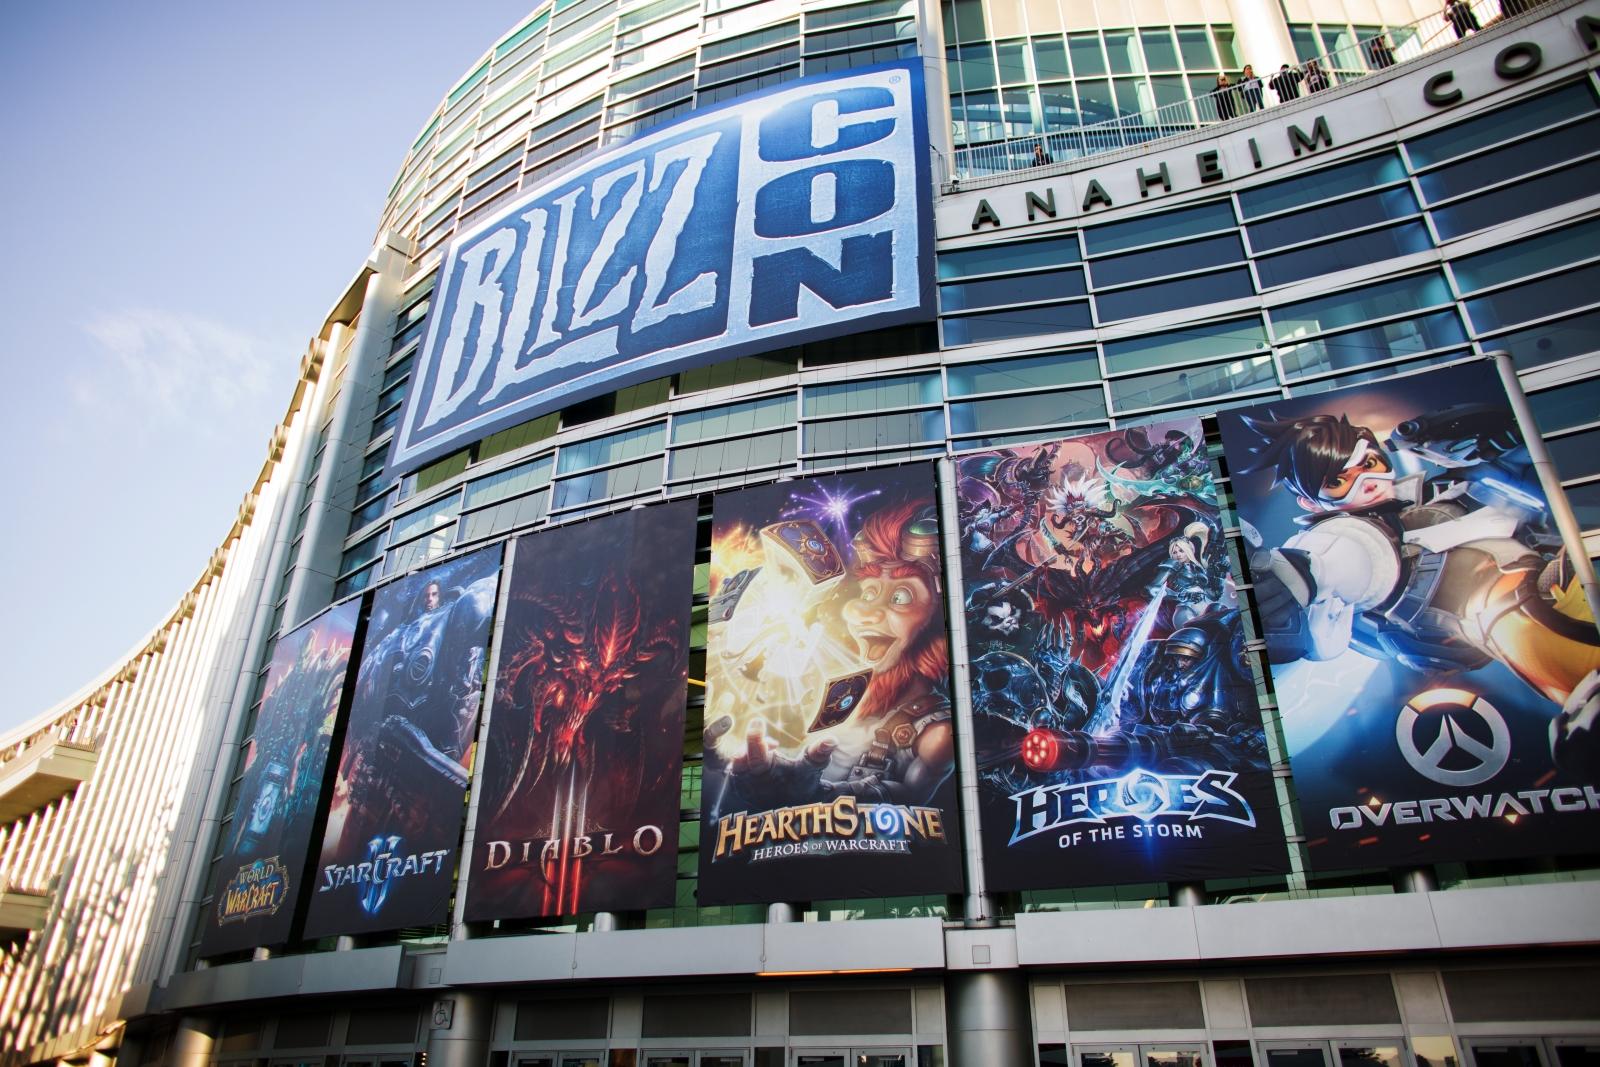 Blizzard announces cancellation of BlizzCon 2020 amid COVID-19 crisis